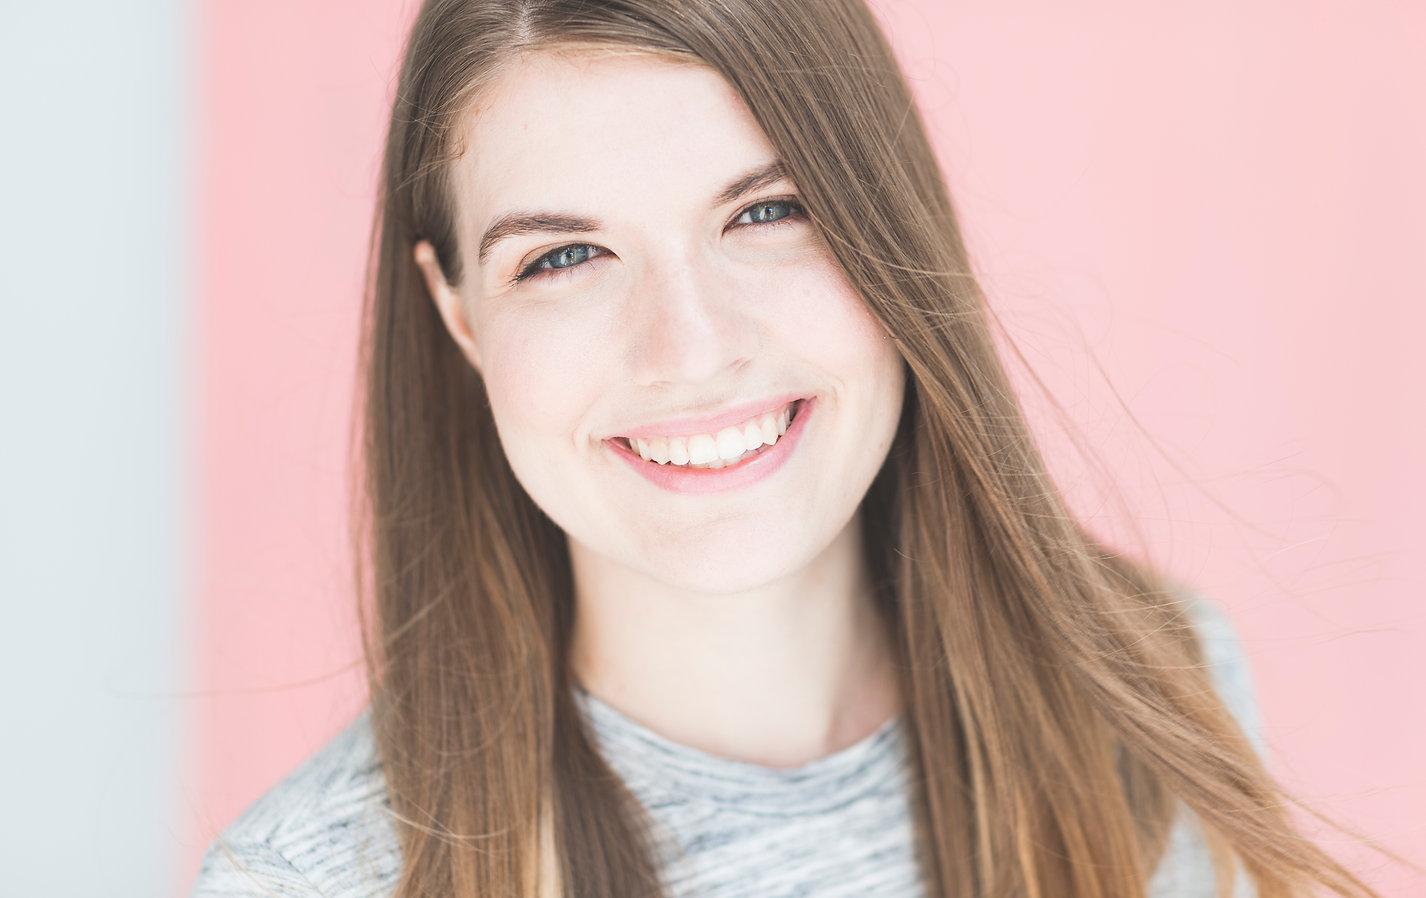 Sarah Kennedy (actress)